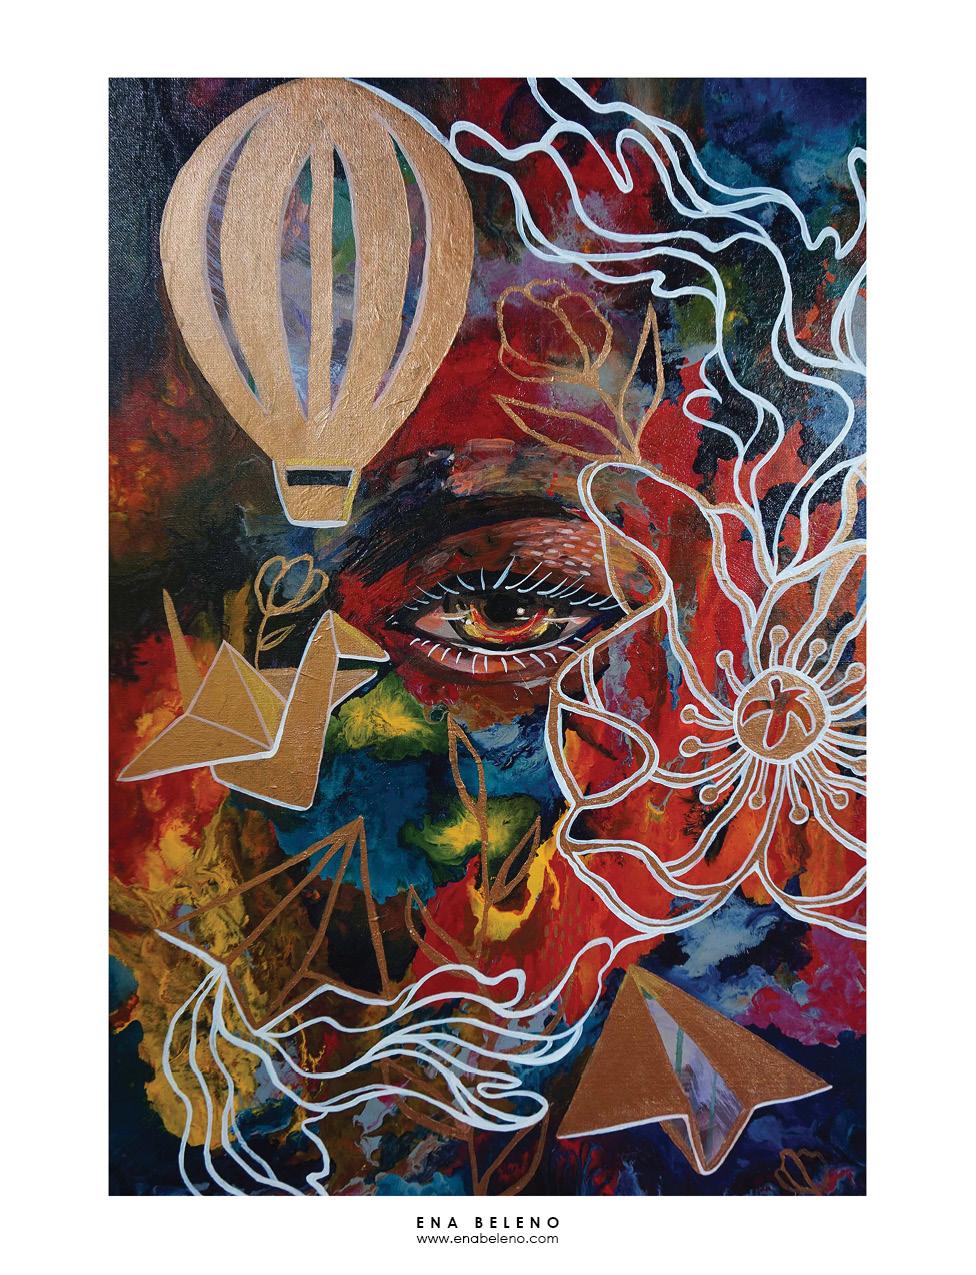 Ena Beleno acrylic painting